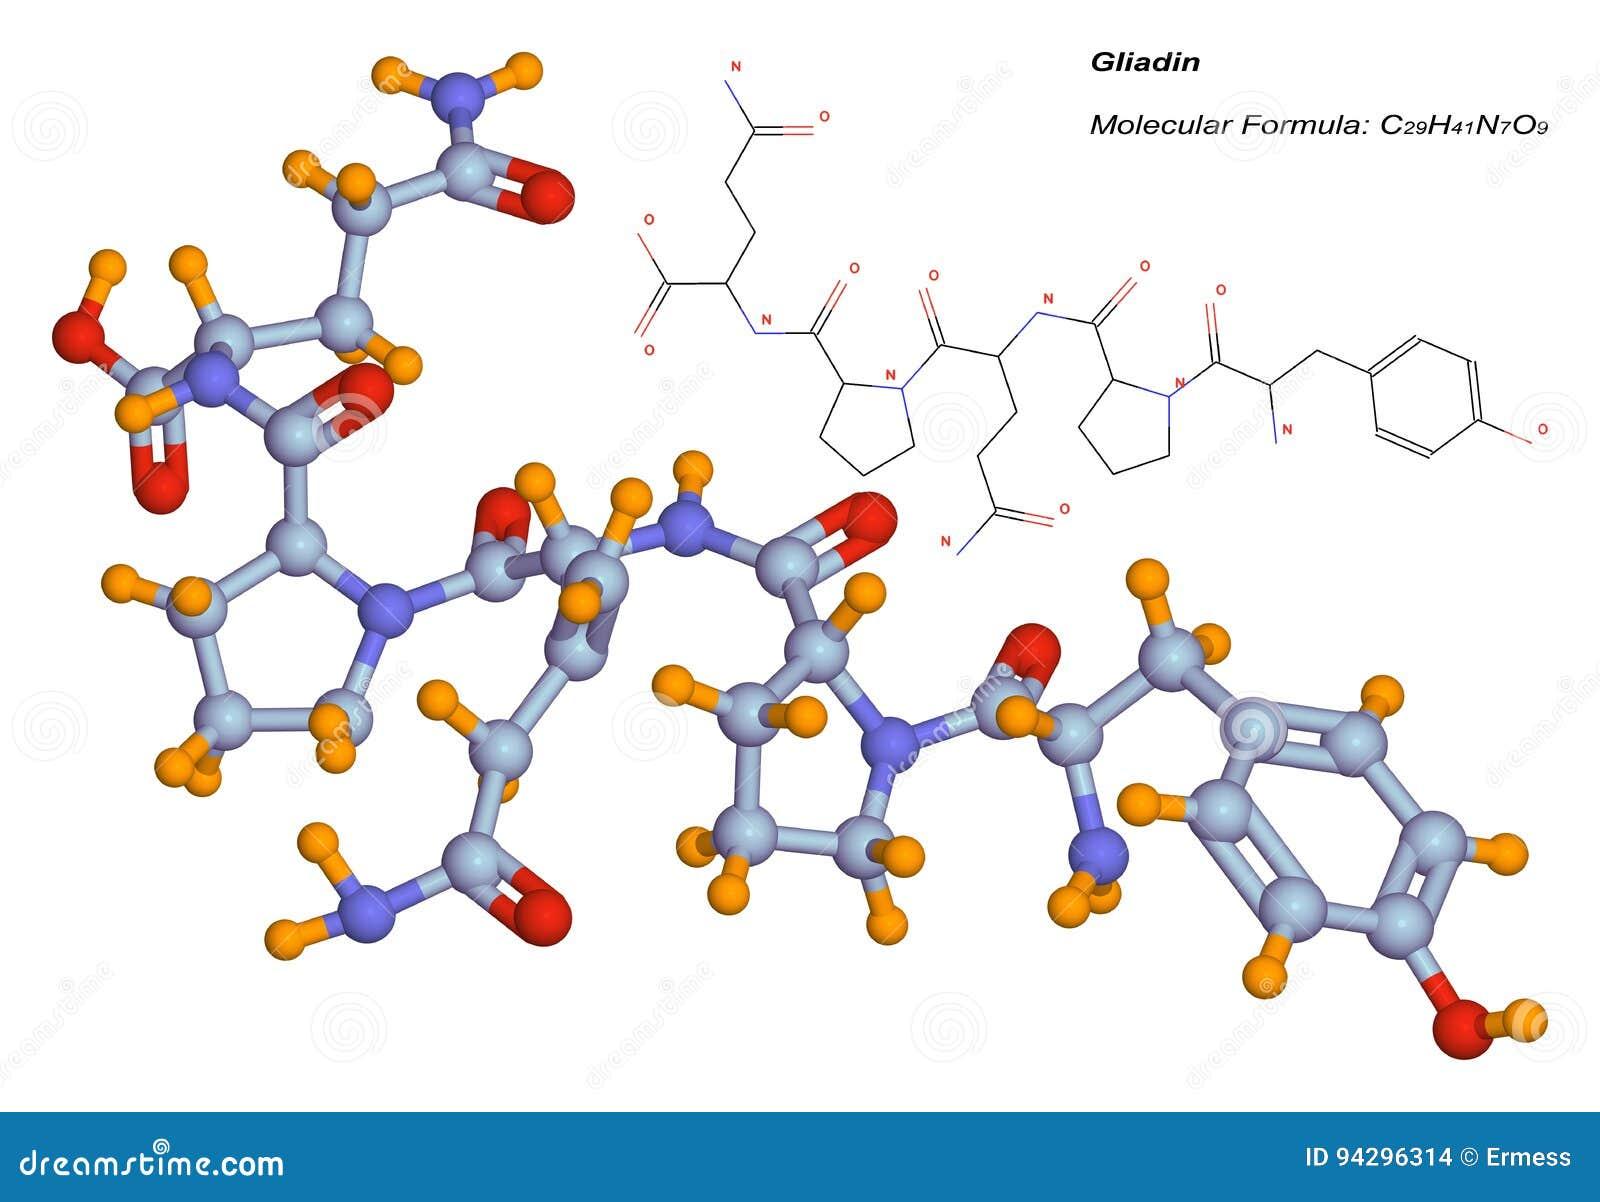 gliadin molecule component of gluten stock illustration